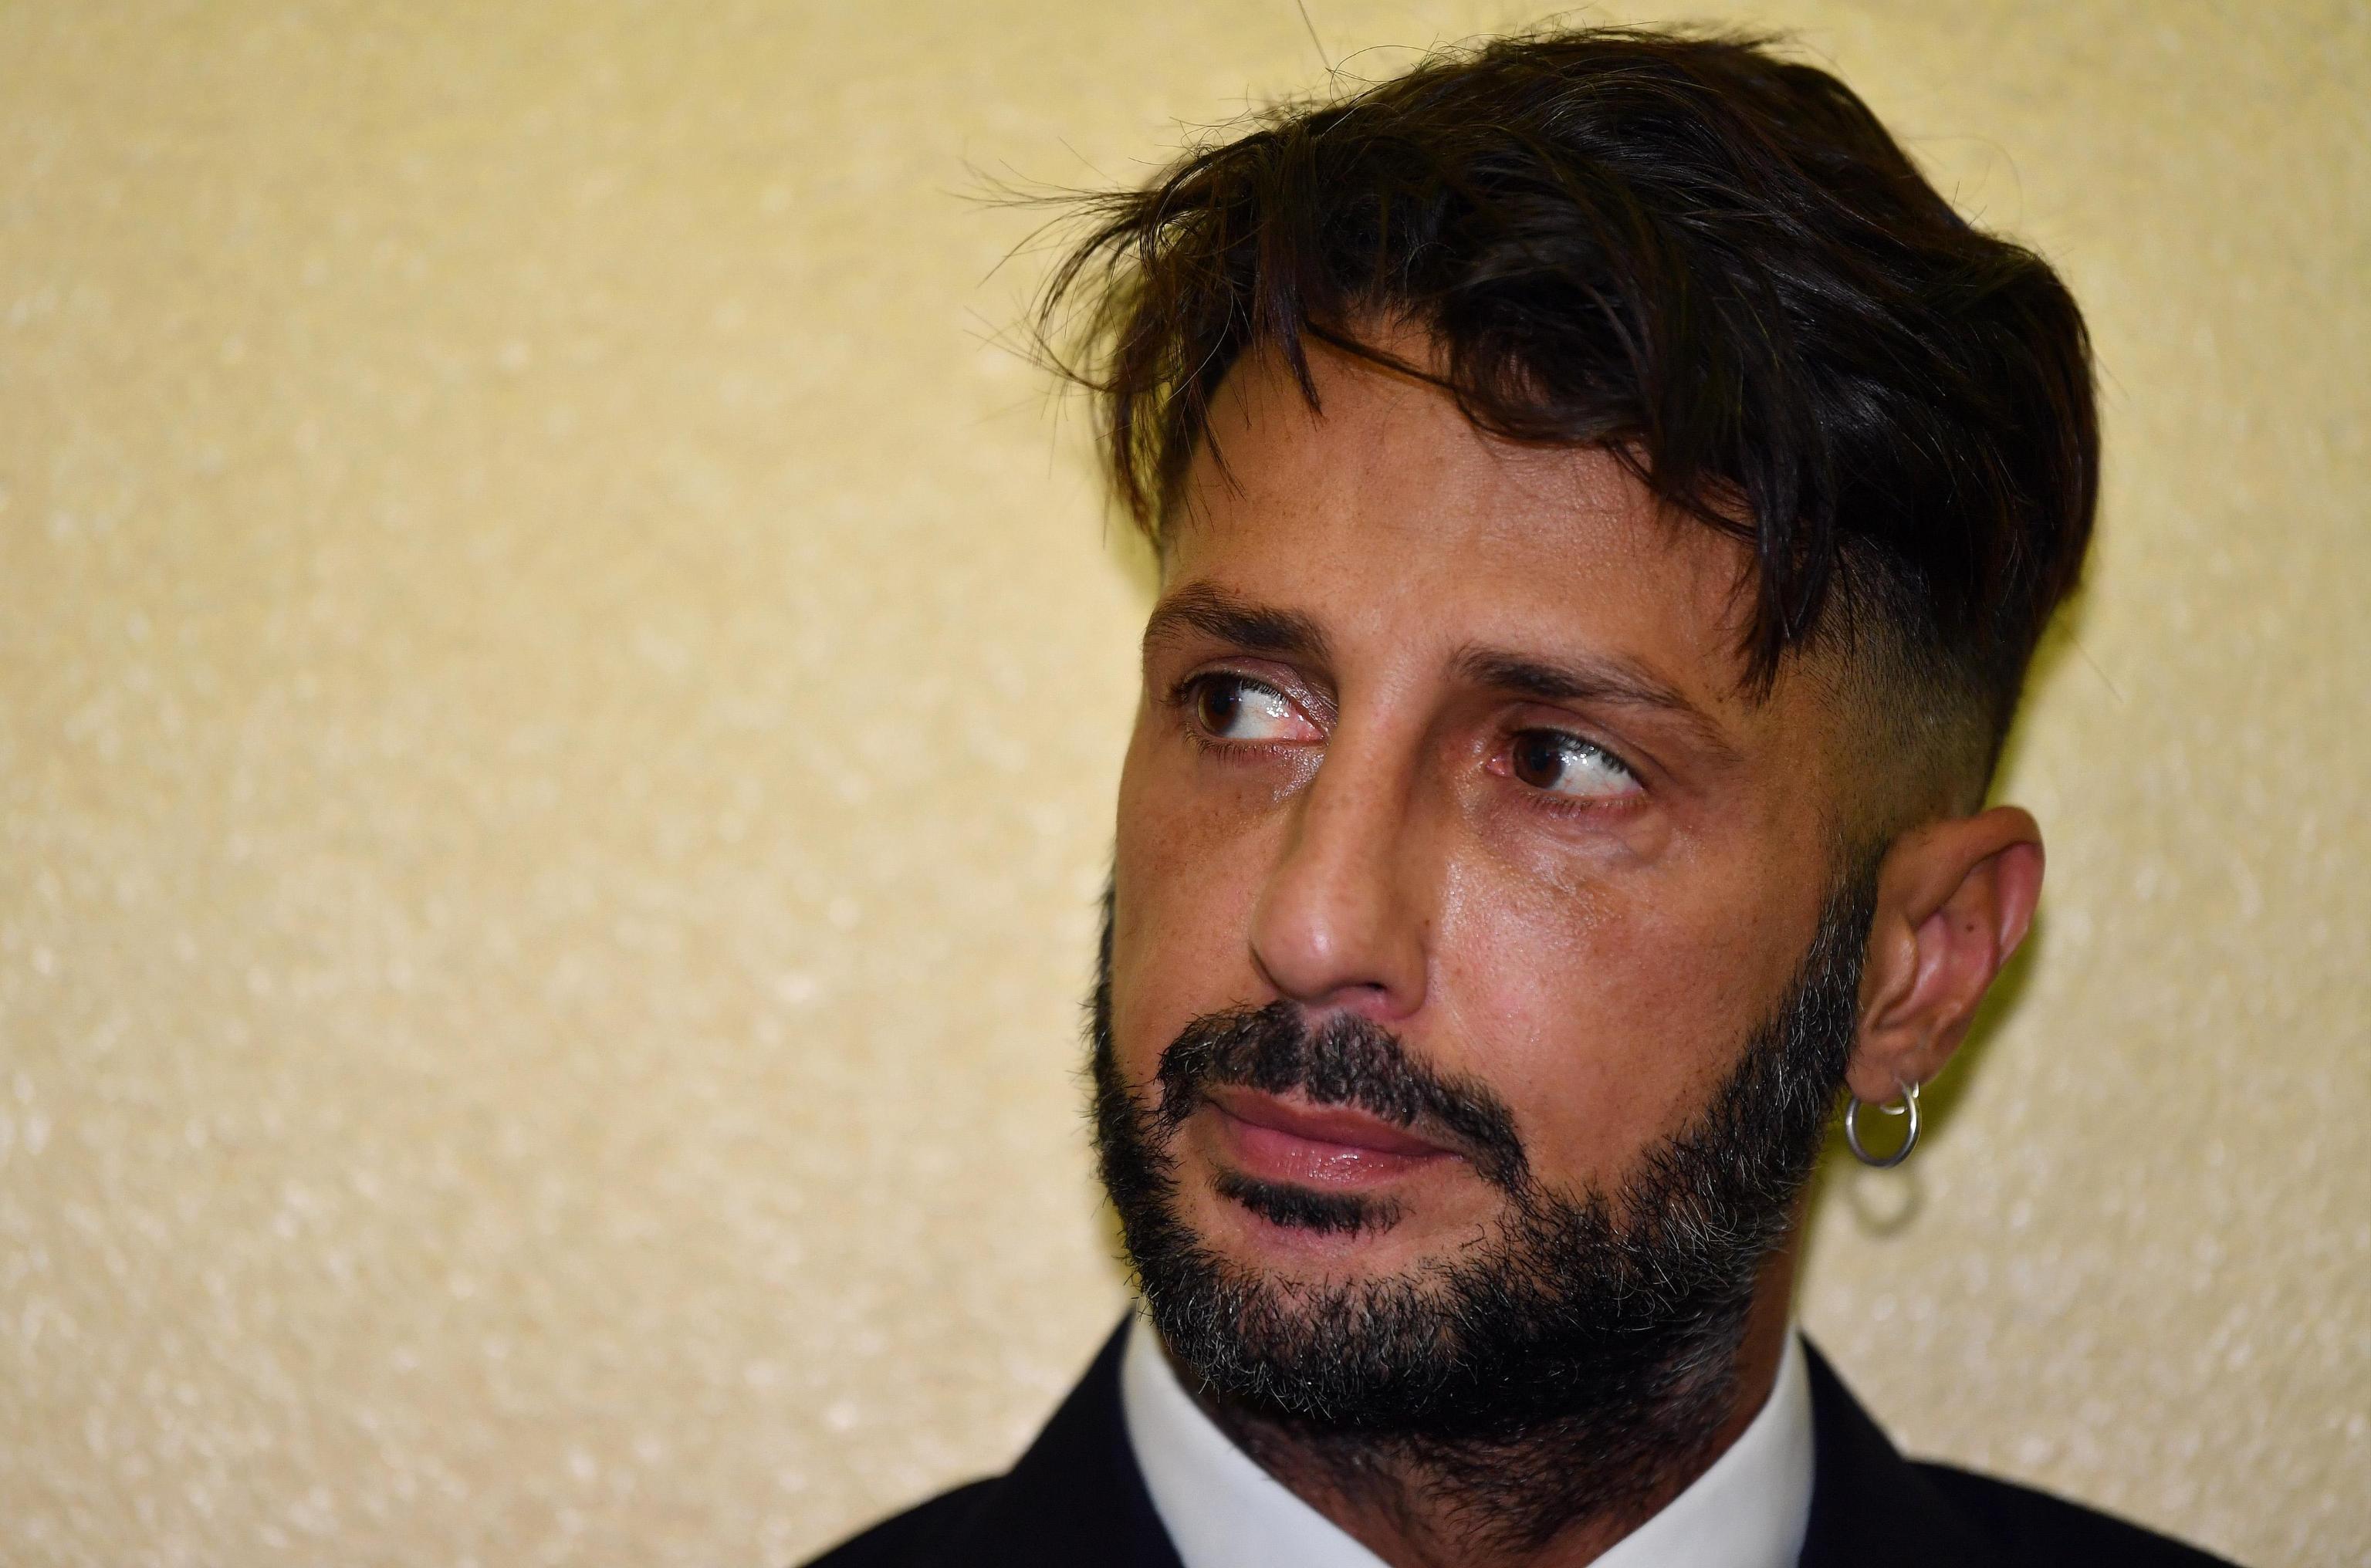 Fabrizio Corona contro Grande Fratello e Ilary Blasi: 'Mi scattano strani impulsi'